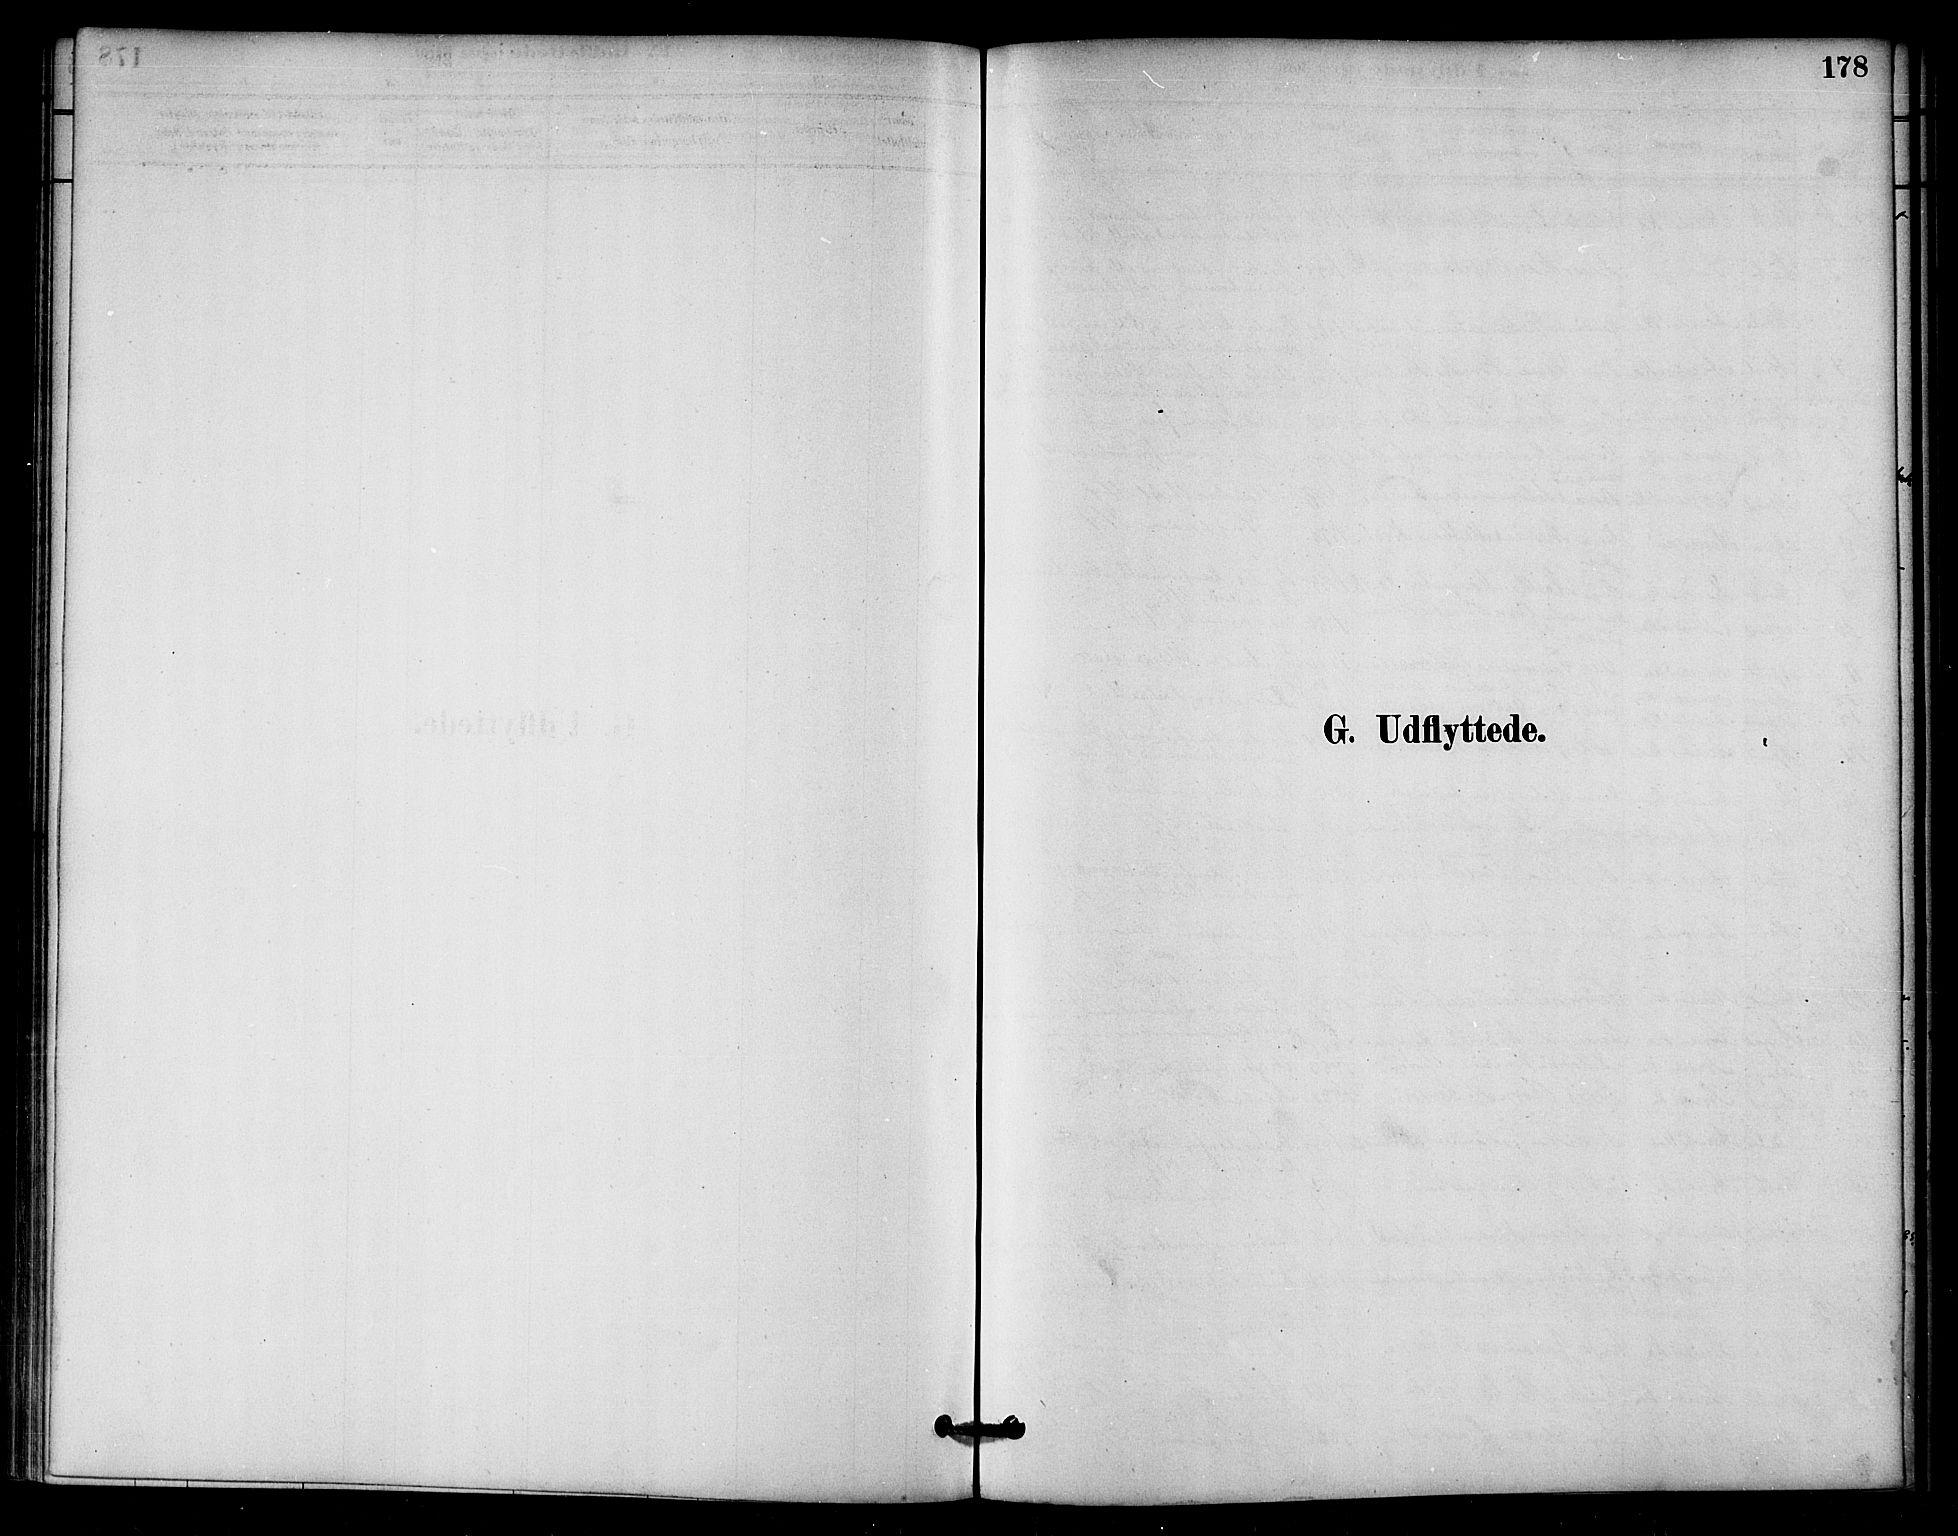 SAT, Ministerialprotokoller, klokkerbøker og fødselsregistre - Nord-Trøndelag, 766/L0563: Ministerialbok nr. 767A01, 1881-1899, s. 178